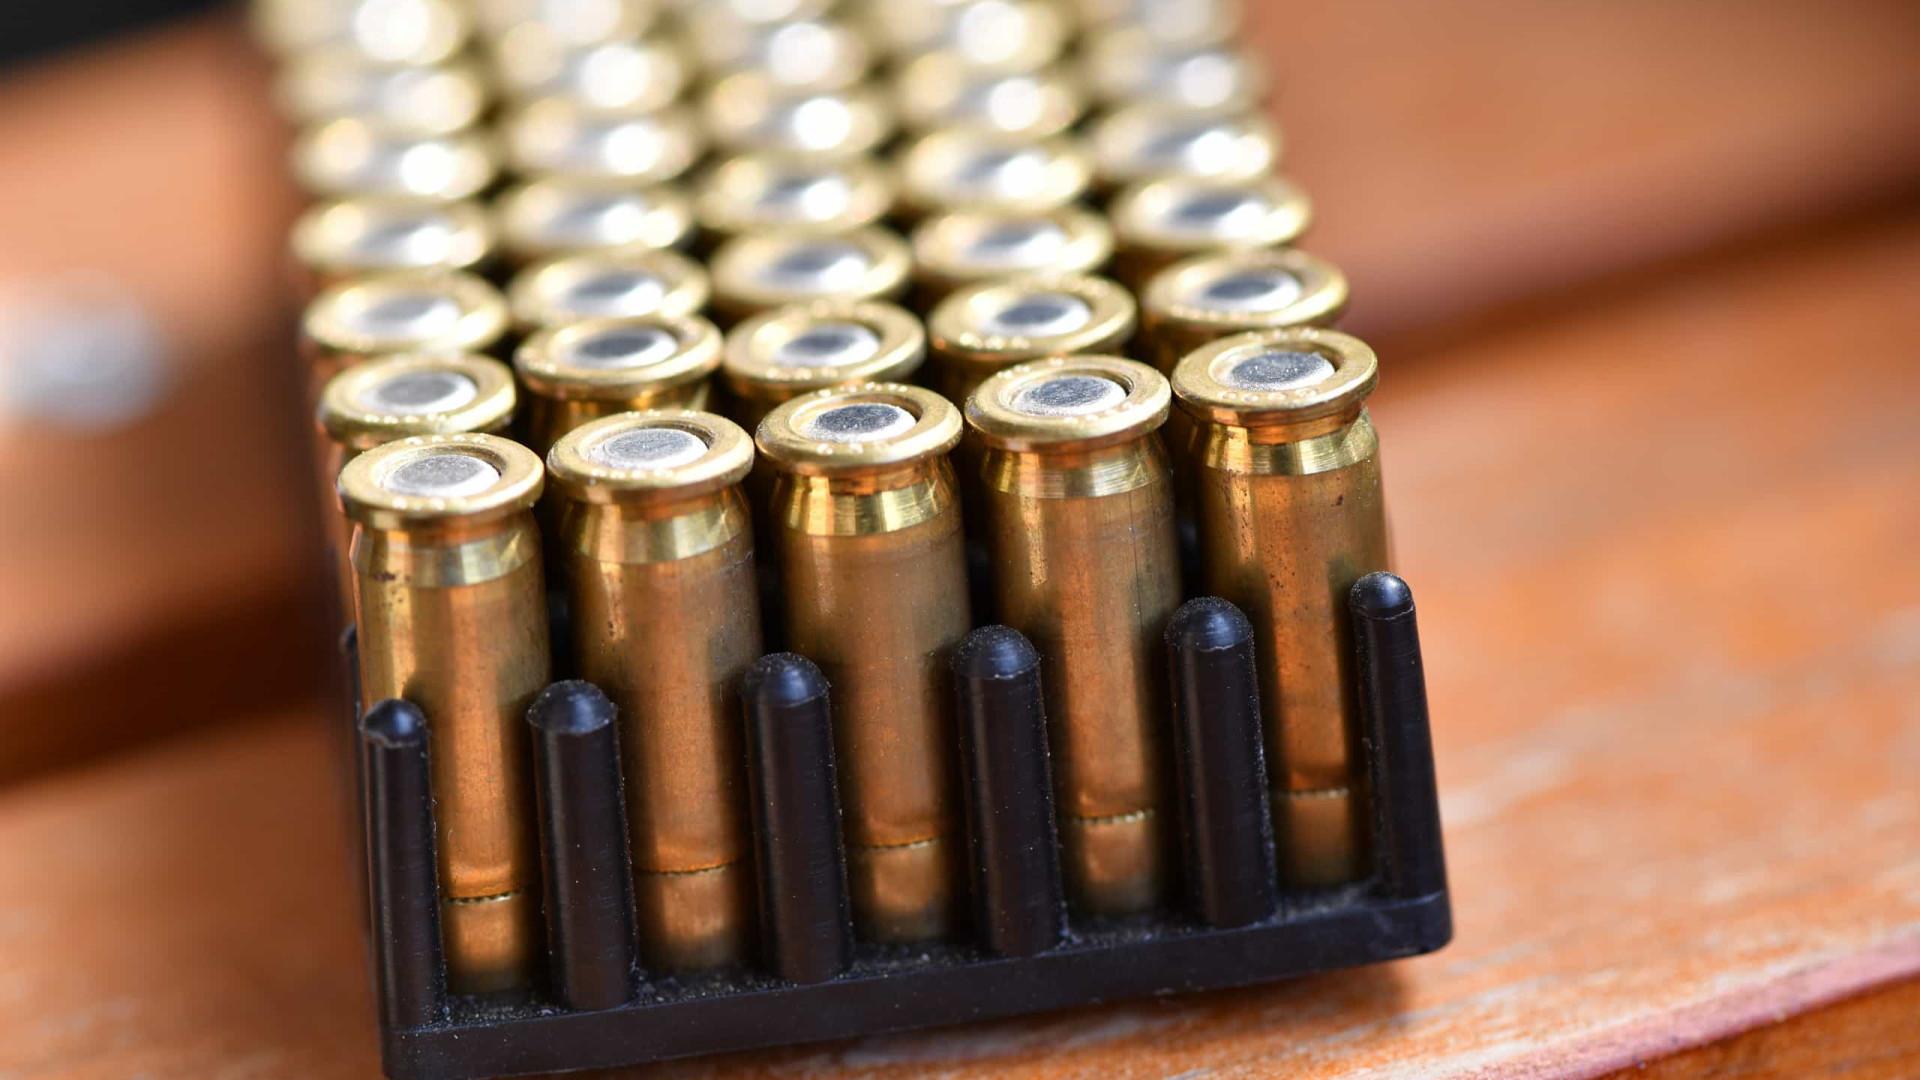 Justiça torna nula portaria federal que liberou compra de mais munição